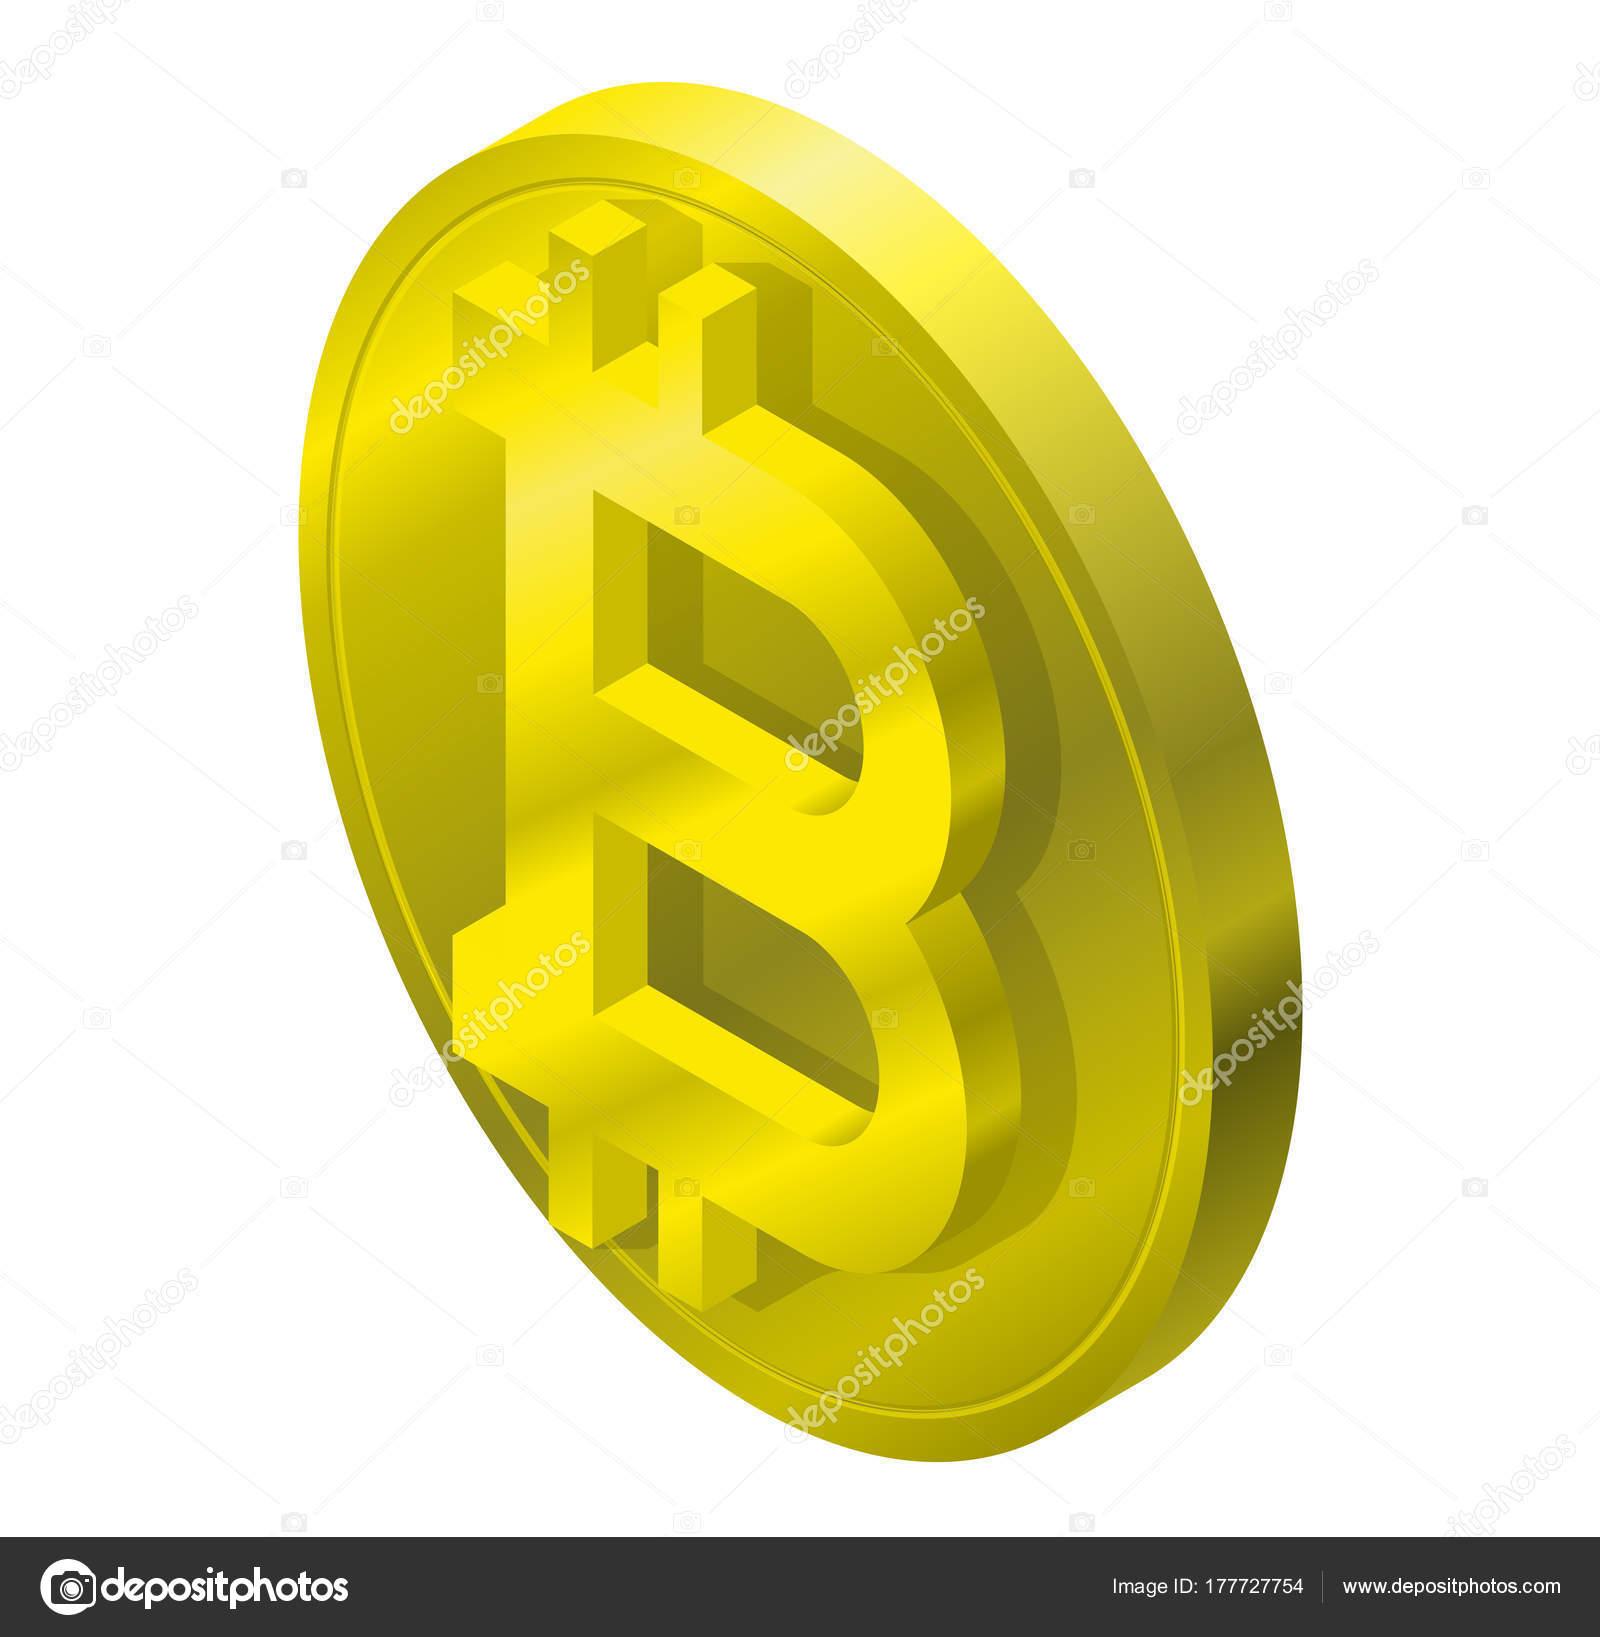 Miért hasznos a bitcoin? | Útmutató a jövő fizetőeszközéhez